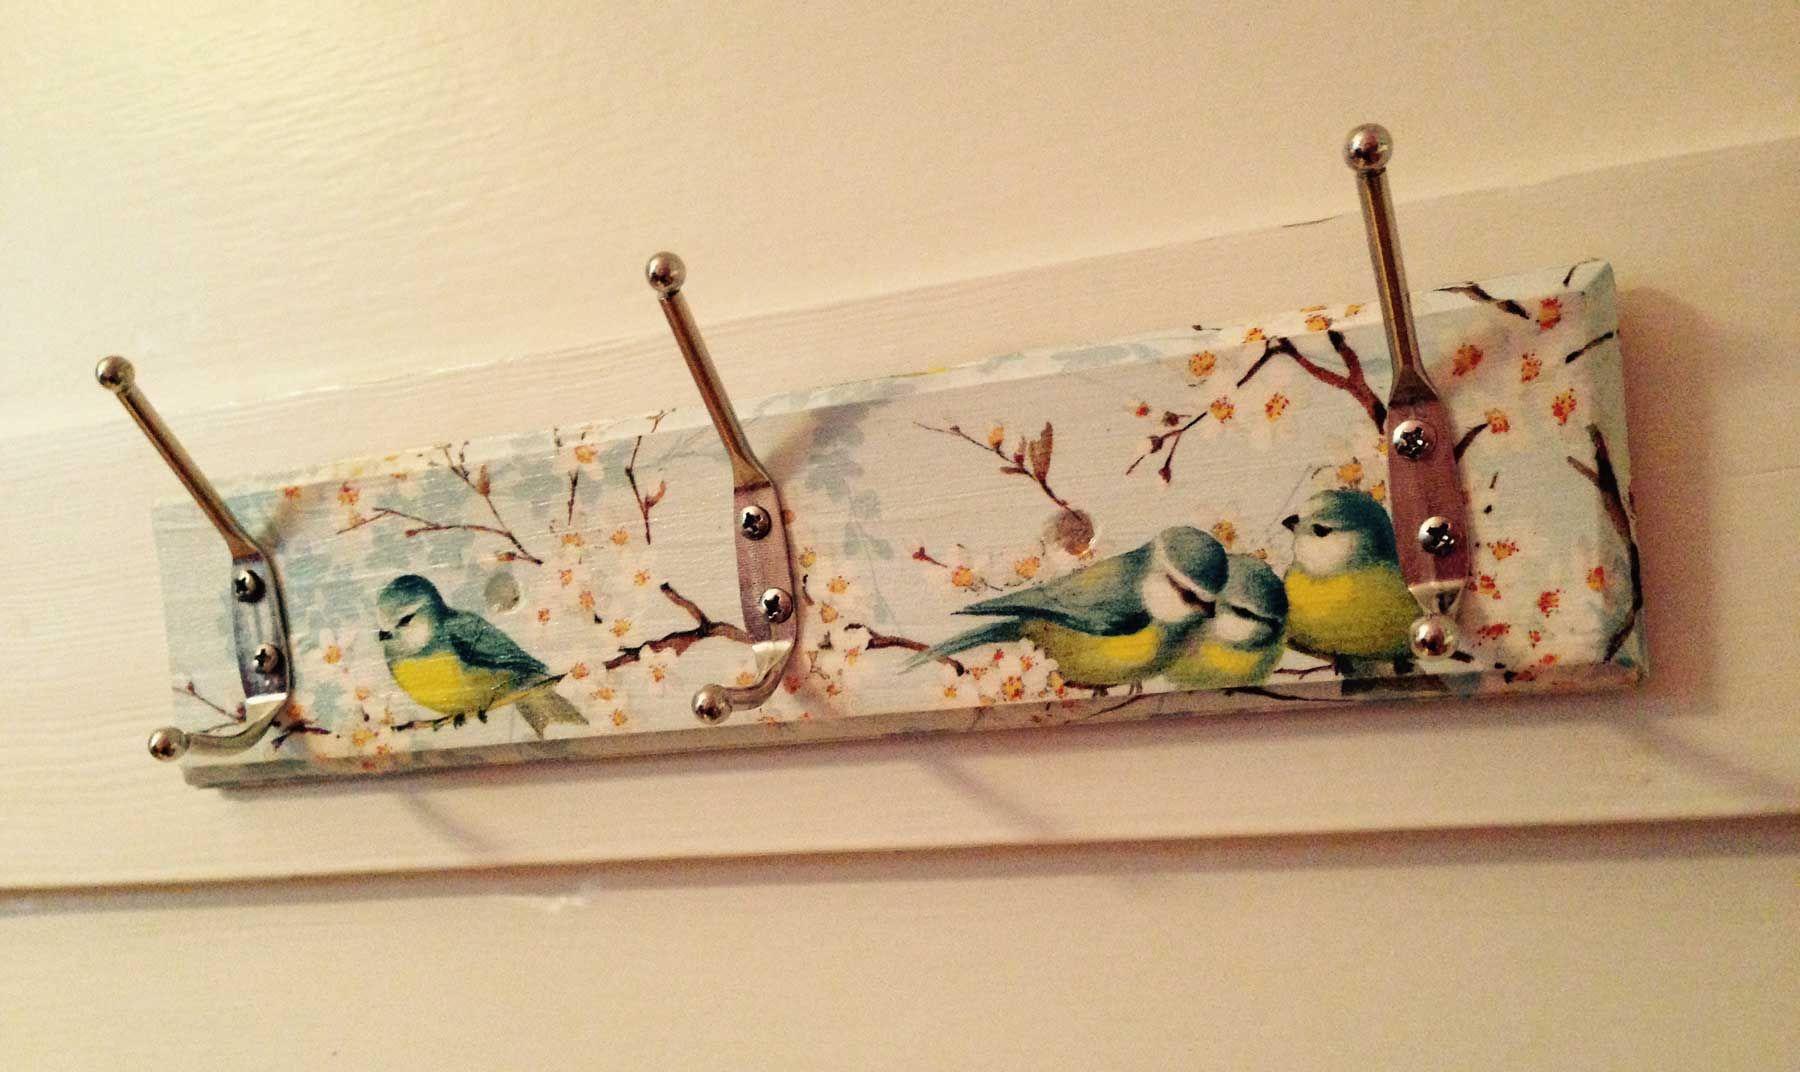 Serviettenvögel zwitschern.